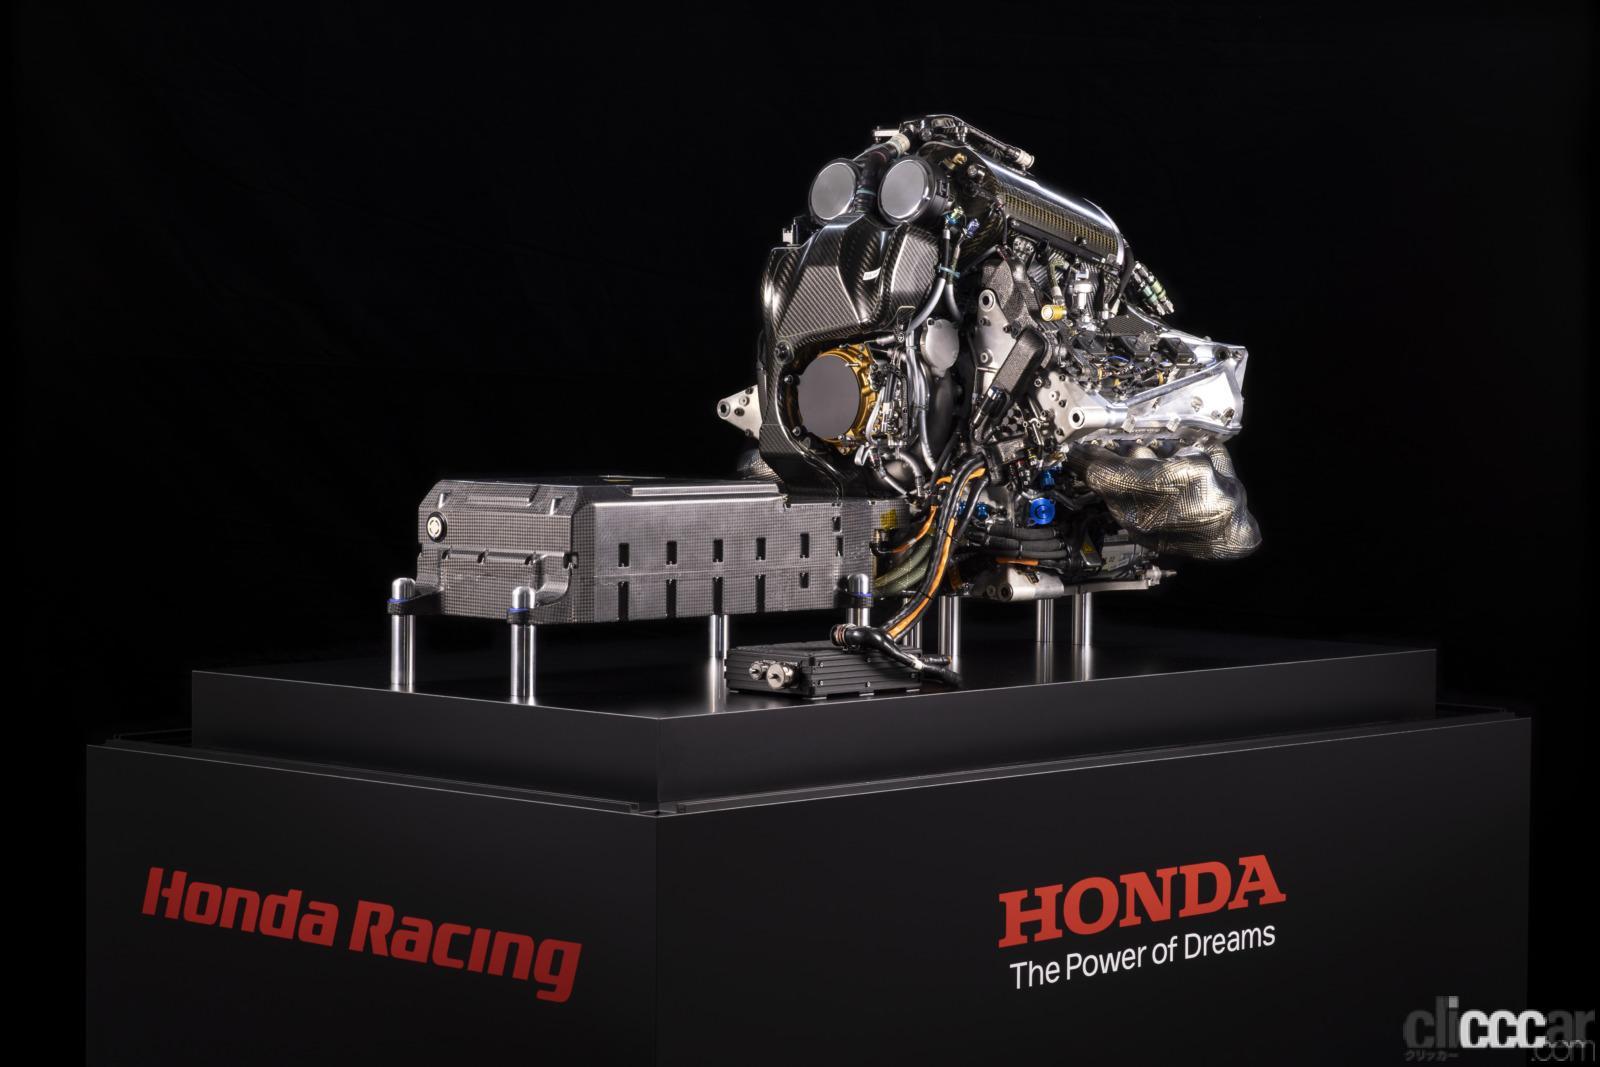 ホンダF1プロジェクトリーダーが2021年シーズン躍進の秘密を公開。ポイントは高速燃焼とバッテリーだった